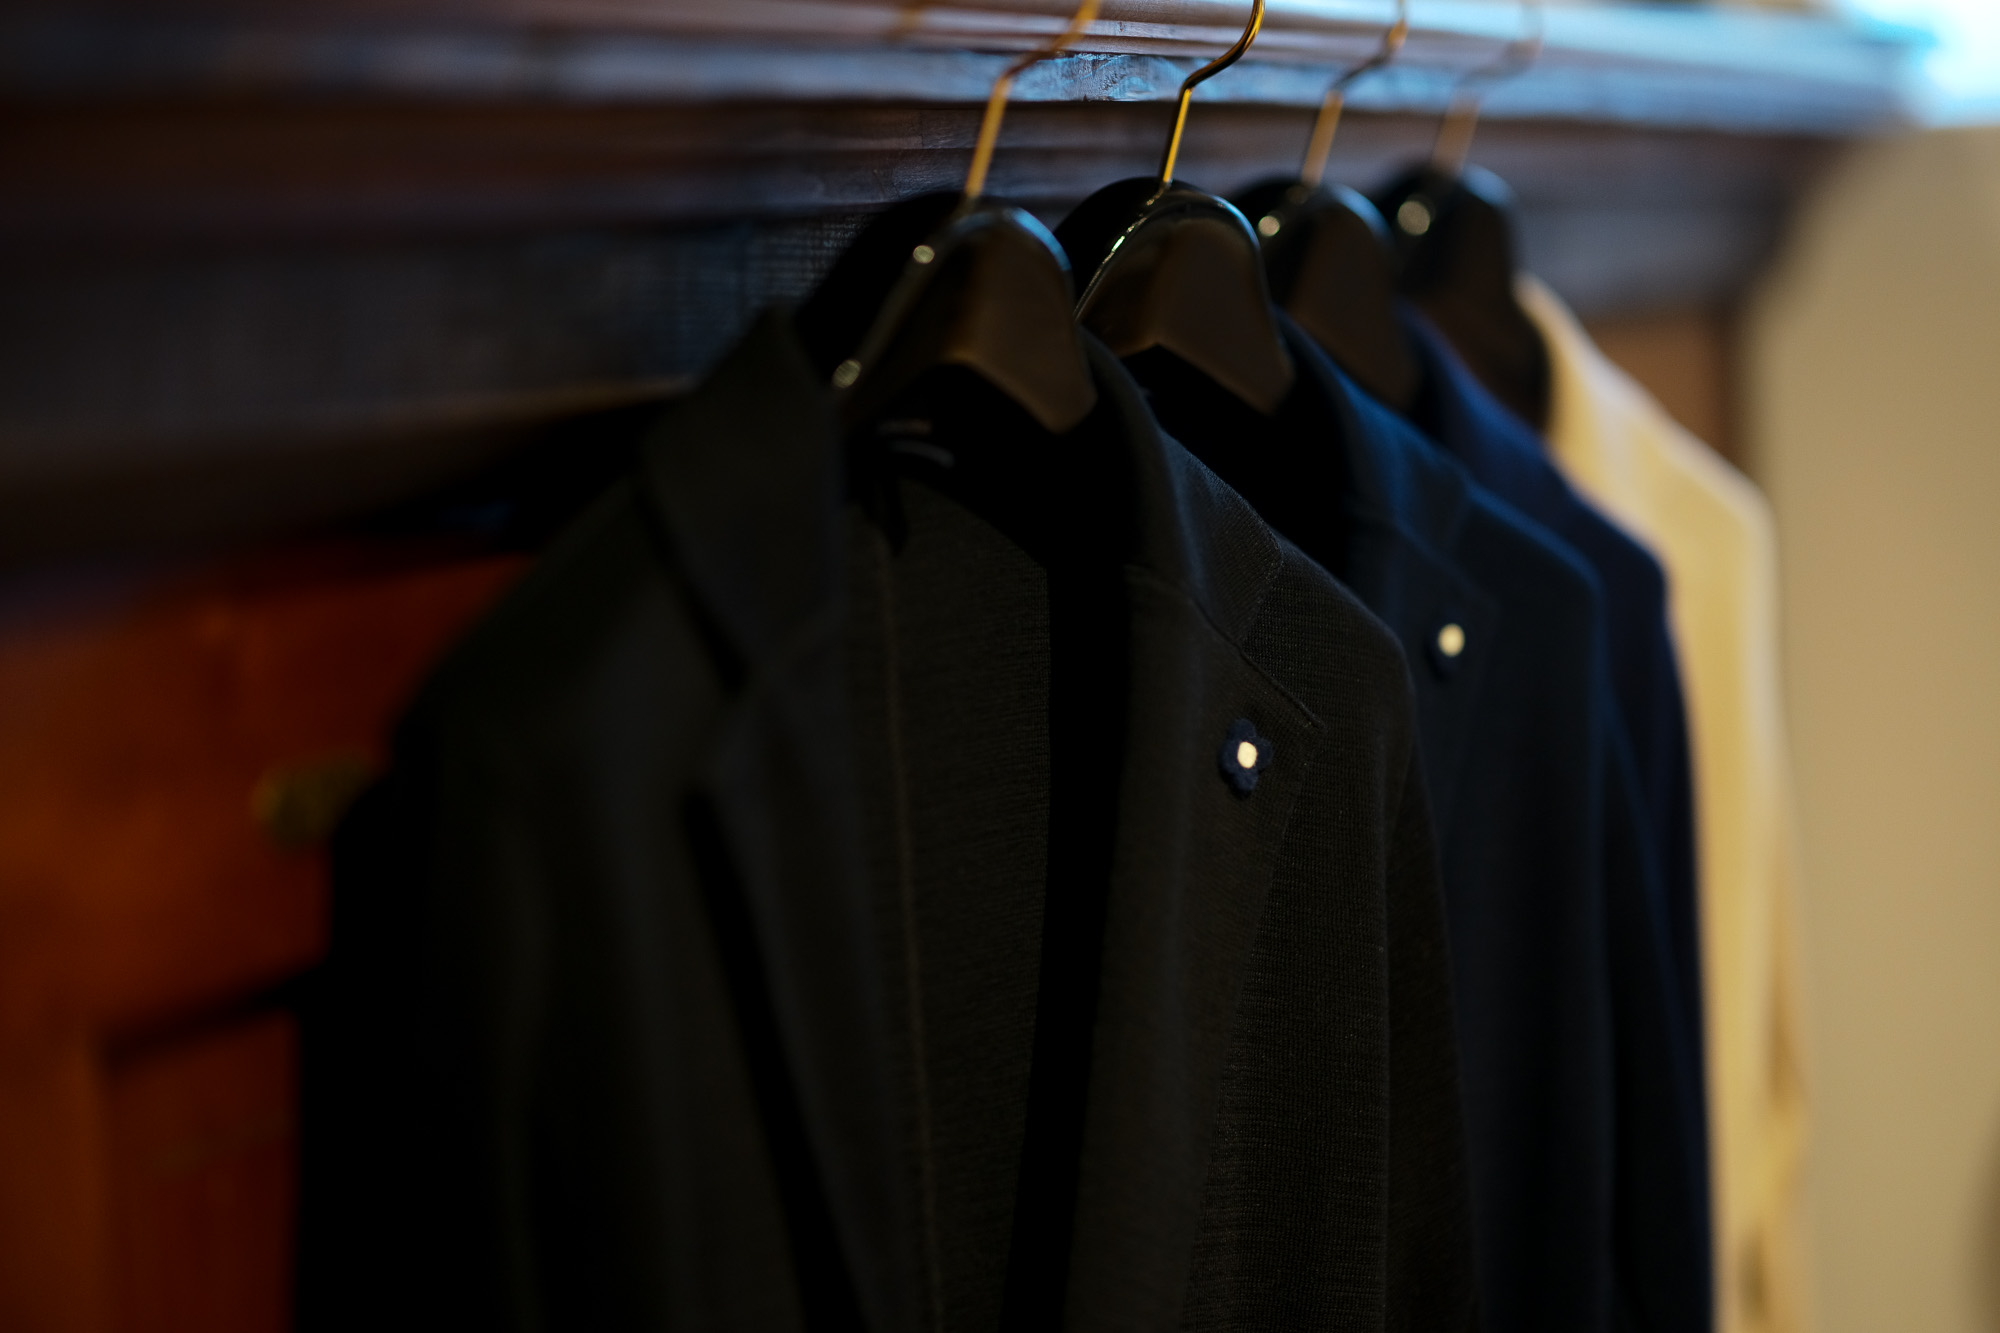 LARDINI(ラルディーニ)Milano Rib ミラノリブ コットン ソリッド 2B ニットジャケット BLACK(ブラック・999) , NAVY(ネイビー・850) , BLUE(ブルー・820) , BEIGE(ベージュ・200) 2019 春夏新作 愛知 名古屋 altoediritto アルトエデリット